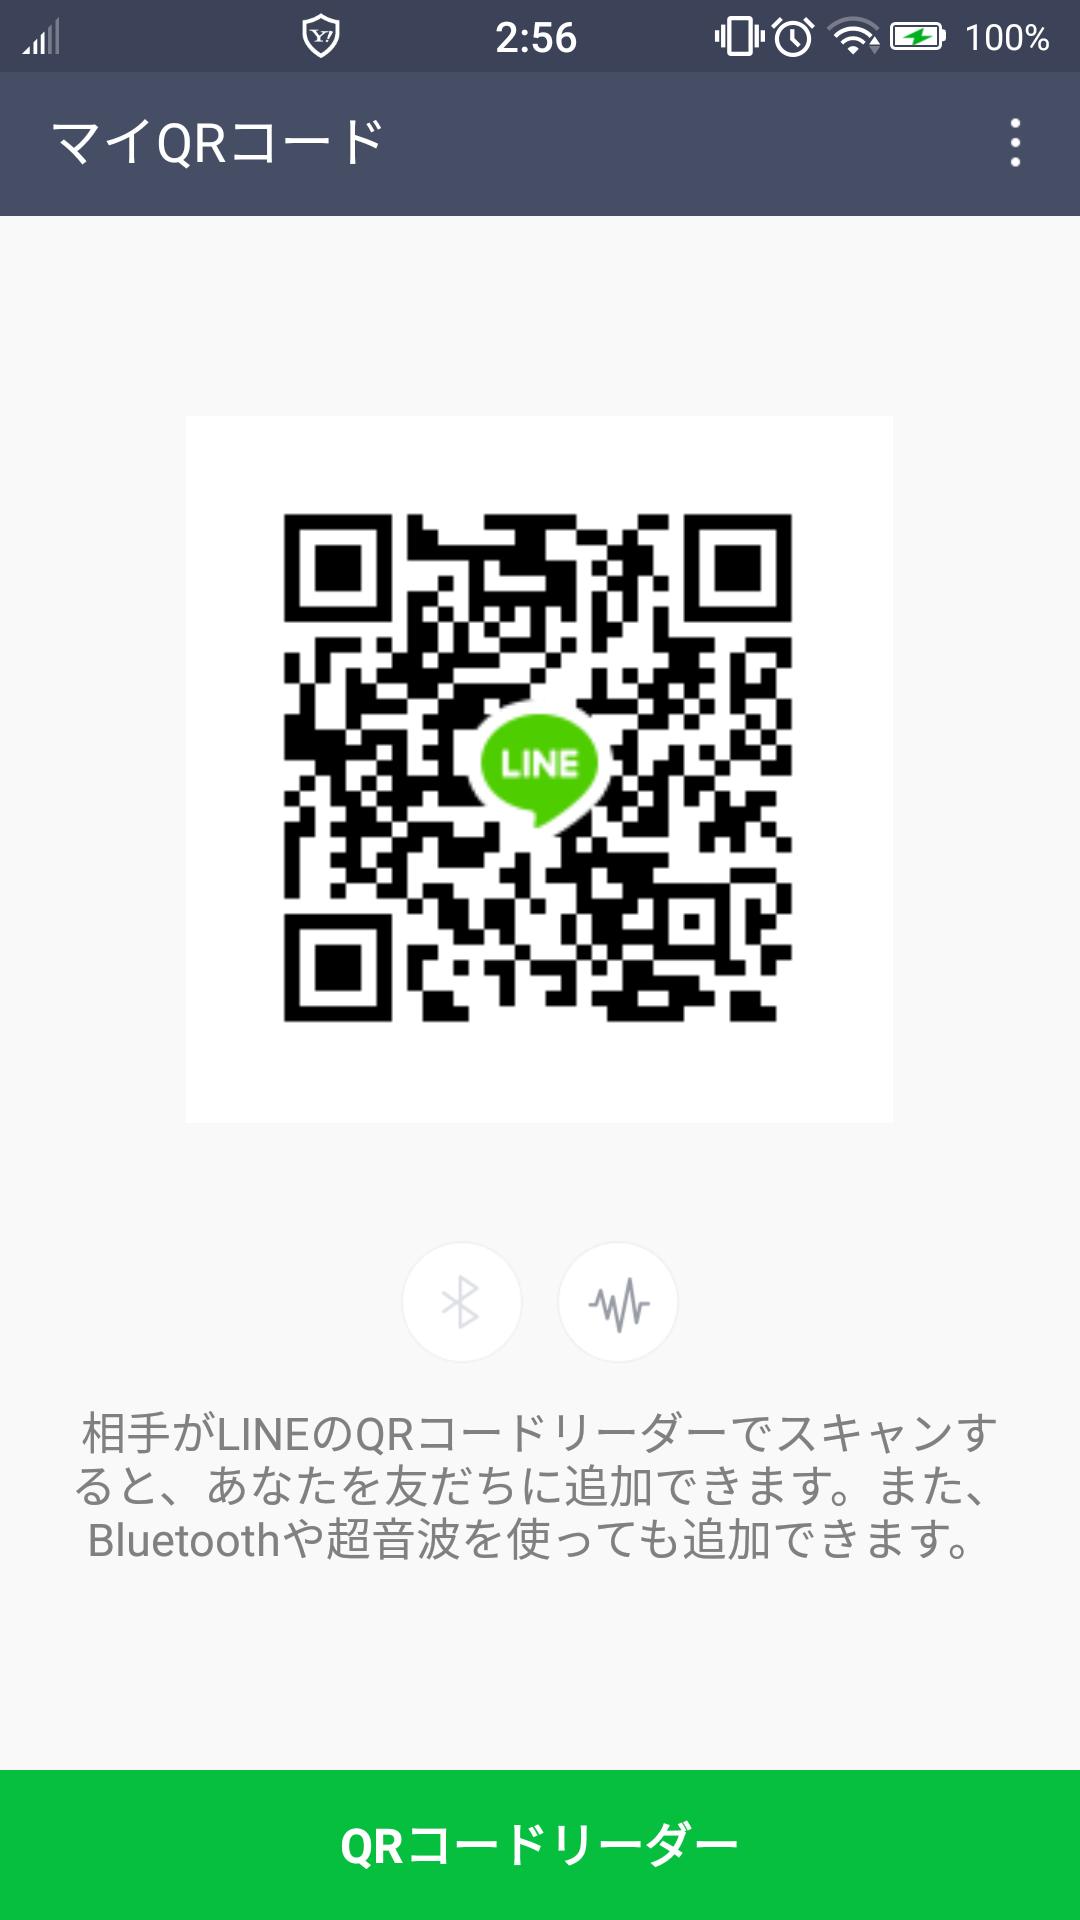 きうさんのLINE QRコード